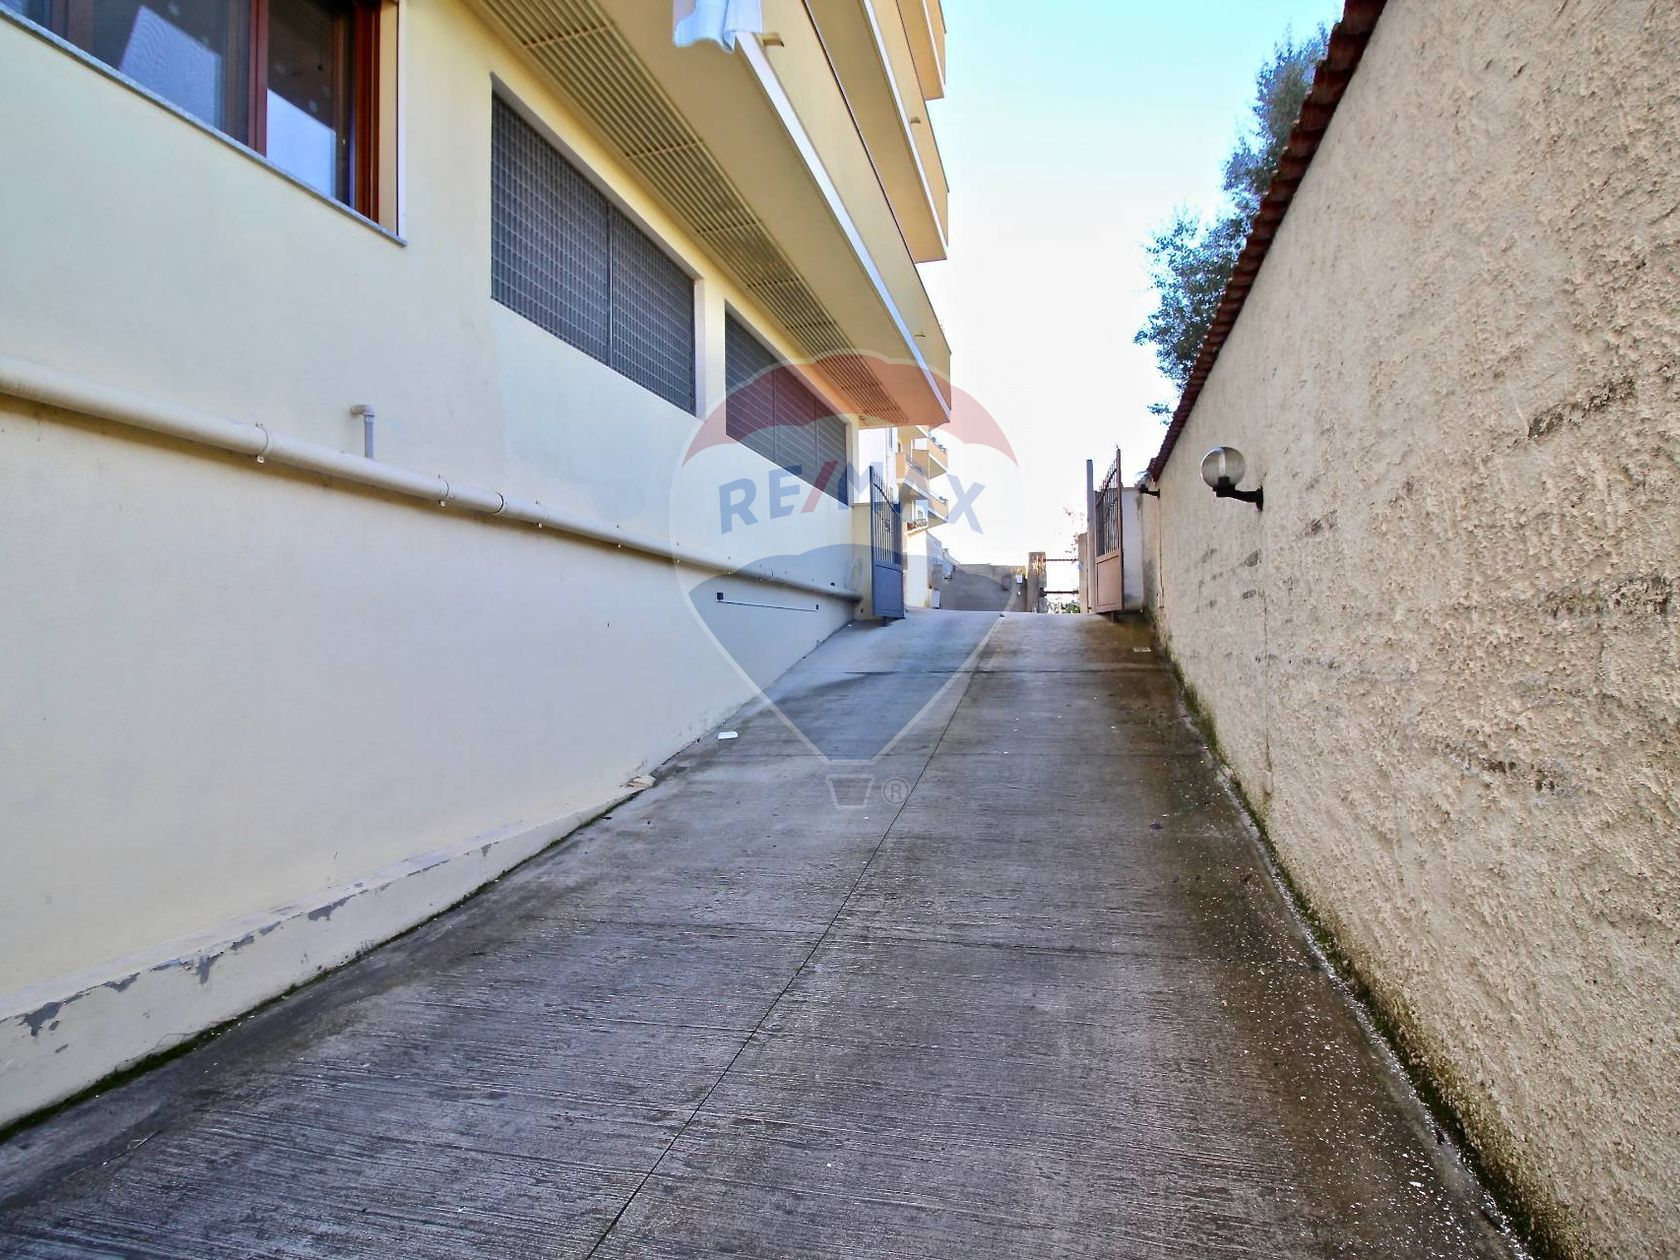 Appartamento Ss-sassari 2, Sassari, SS Vendita - Foto 16